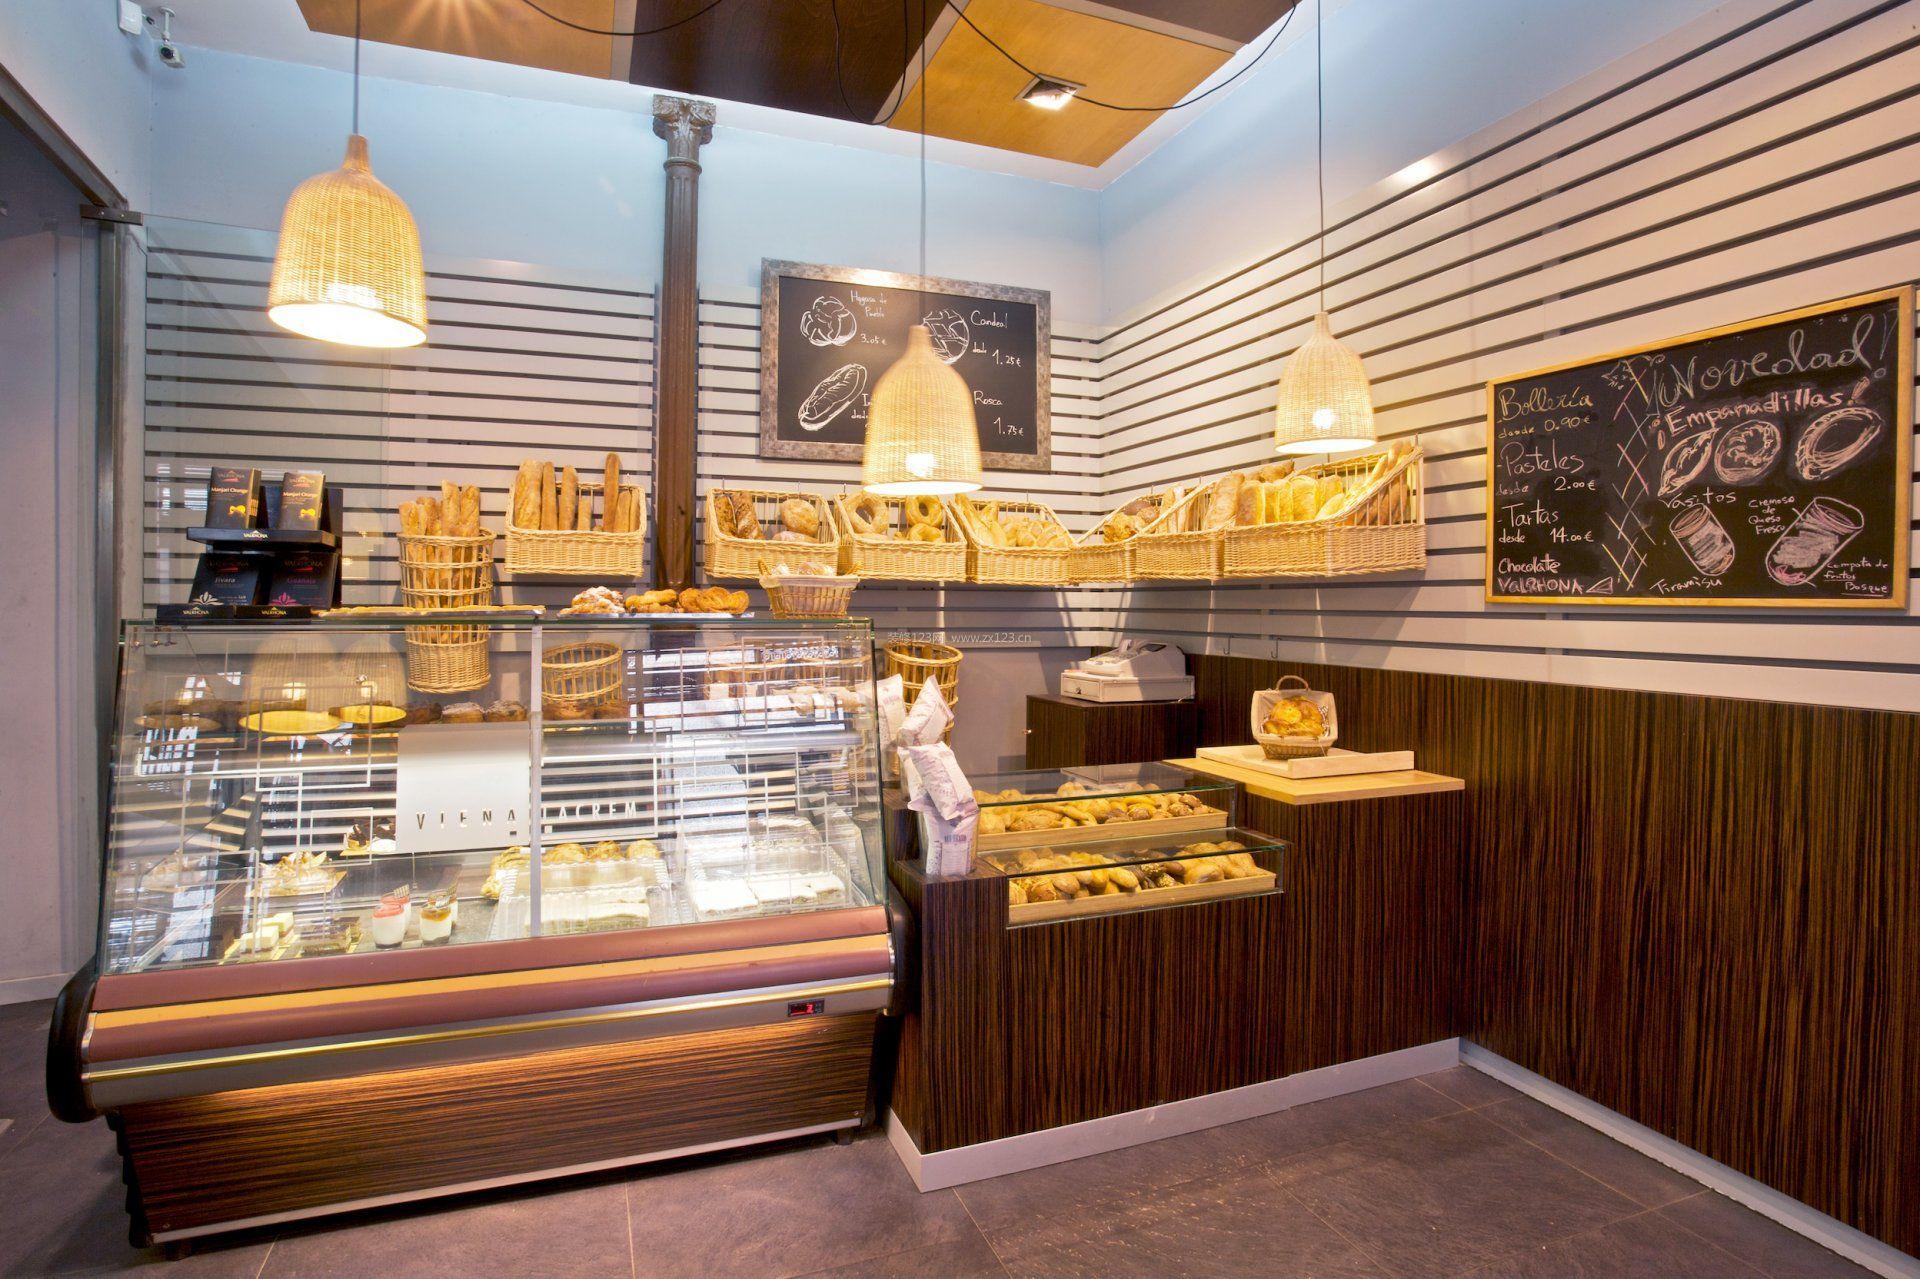 蛋糕店室内背景墙设计效果图